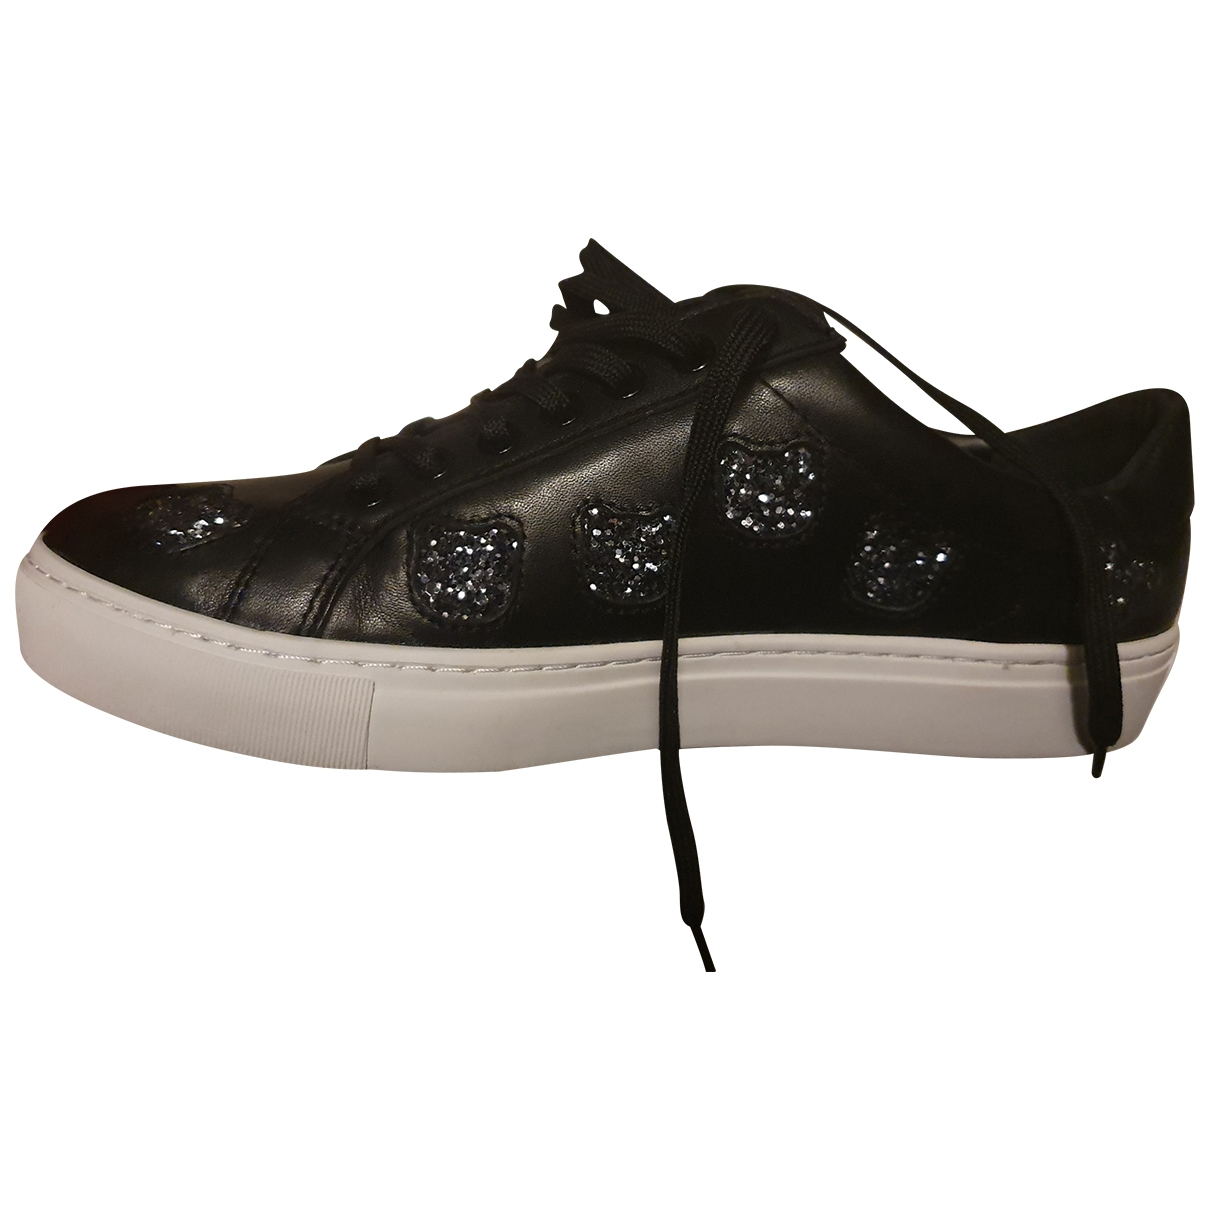 Karl Lagerfeld - Baskets   pour femme en a paillettes - noir